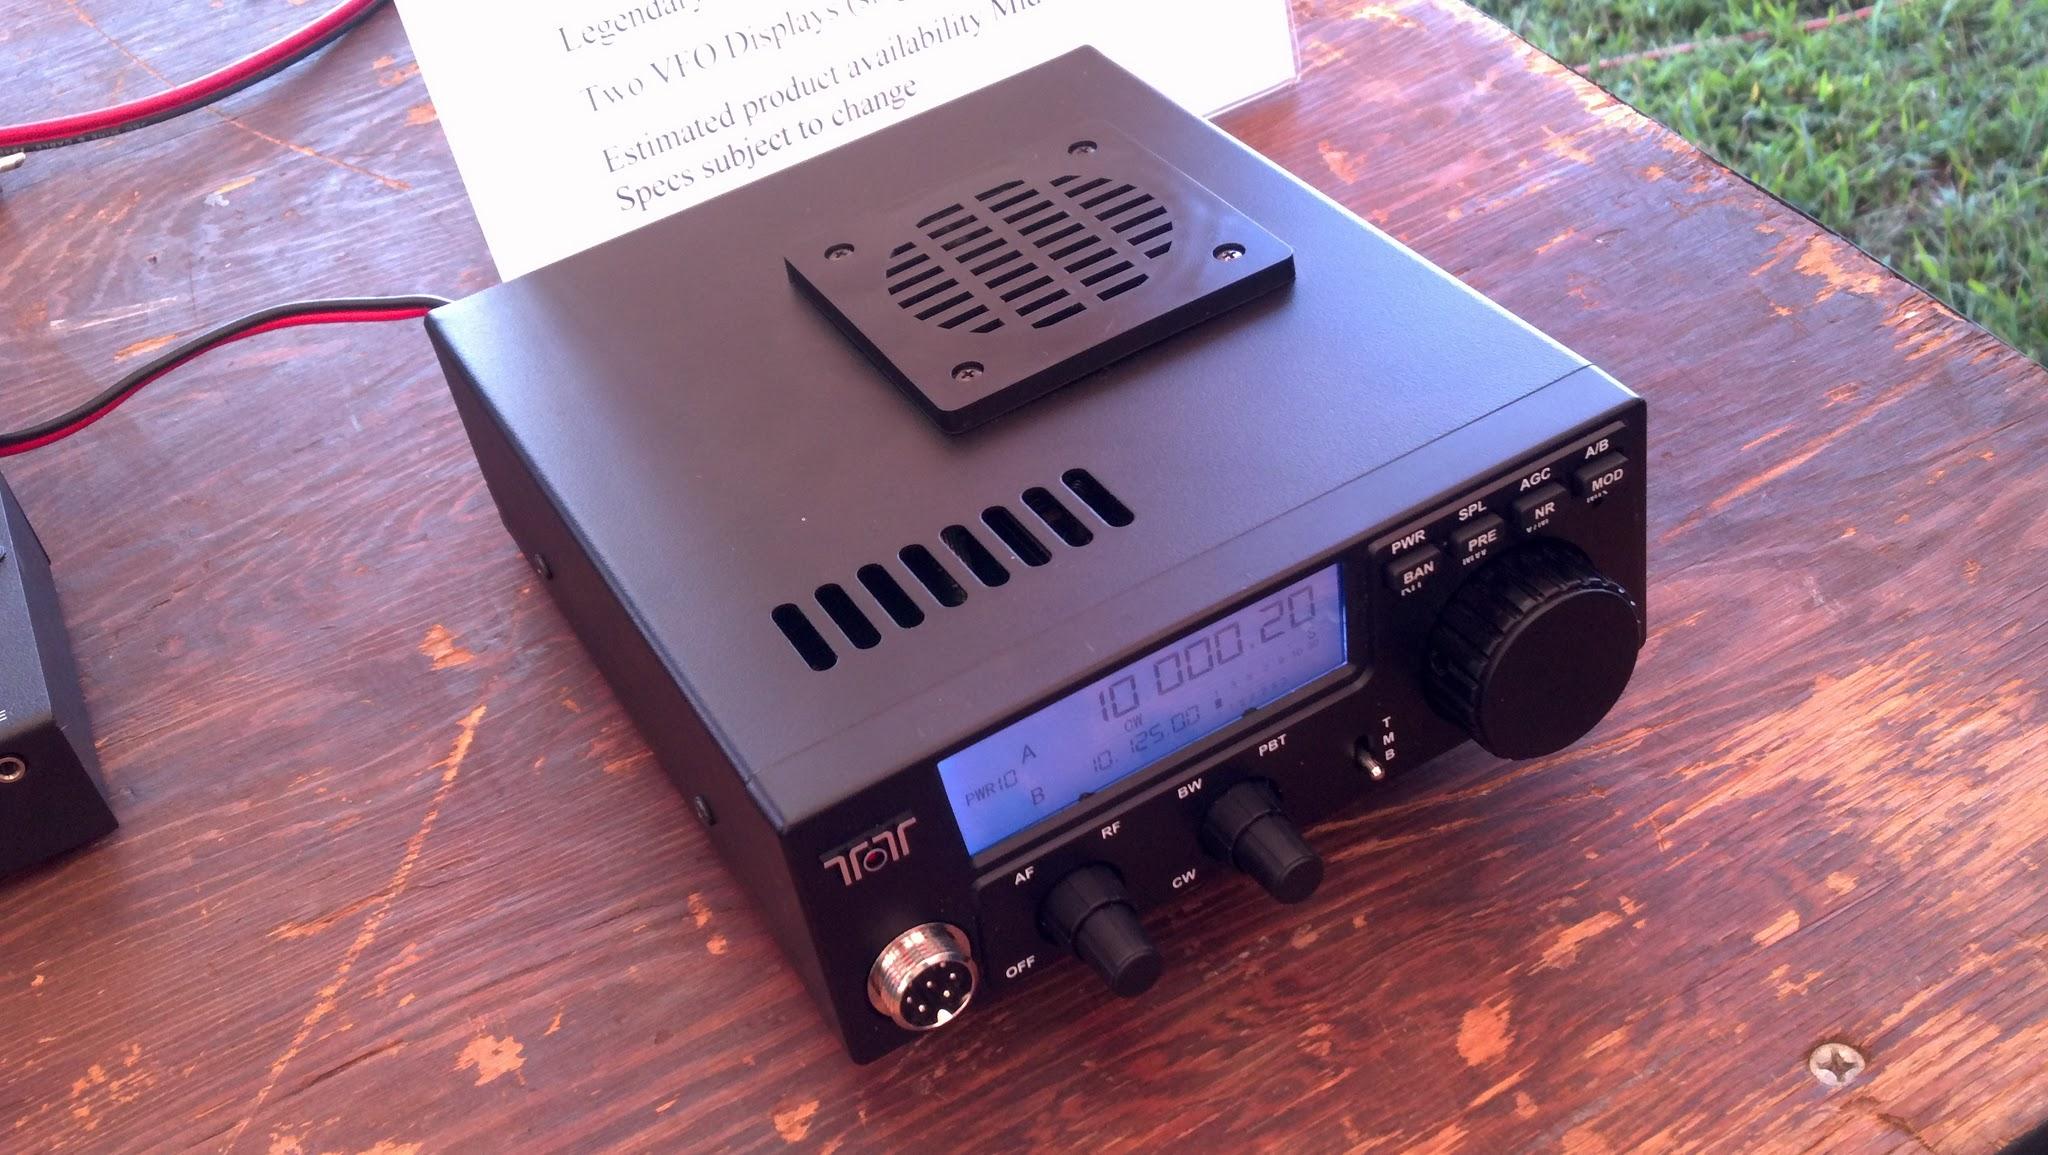 Ten-Tec Model 539 – Ten-Tec's new QRP transceiver   Q R P e r